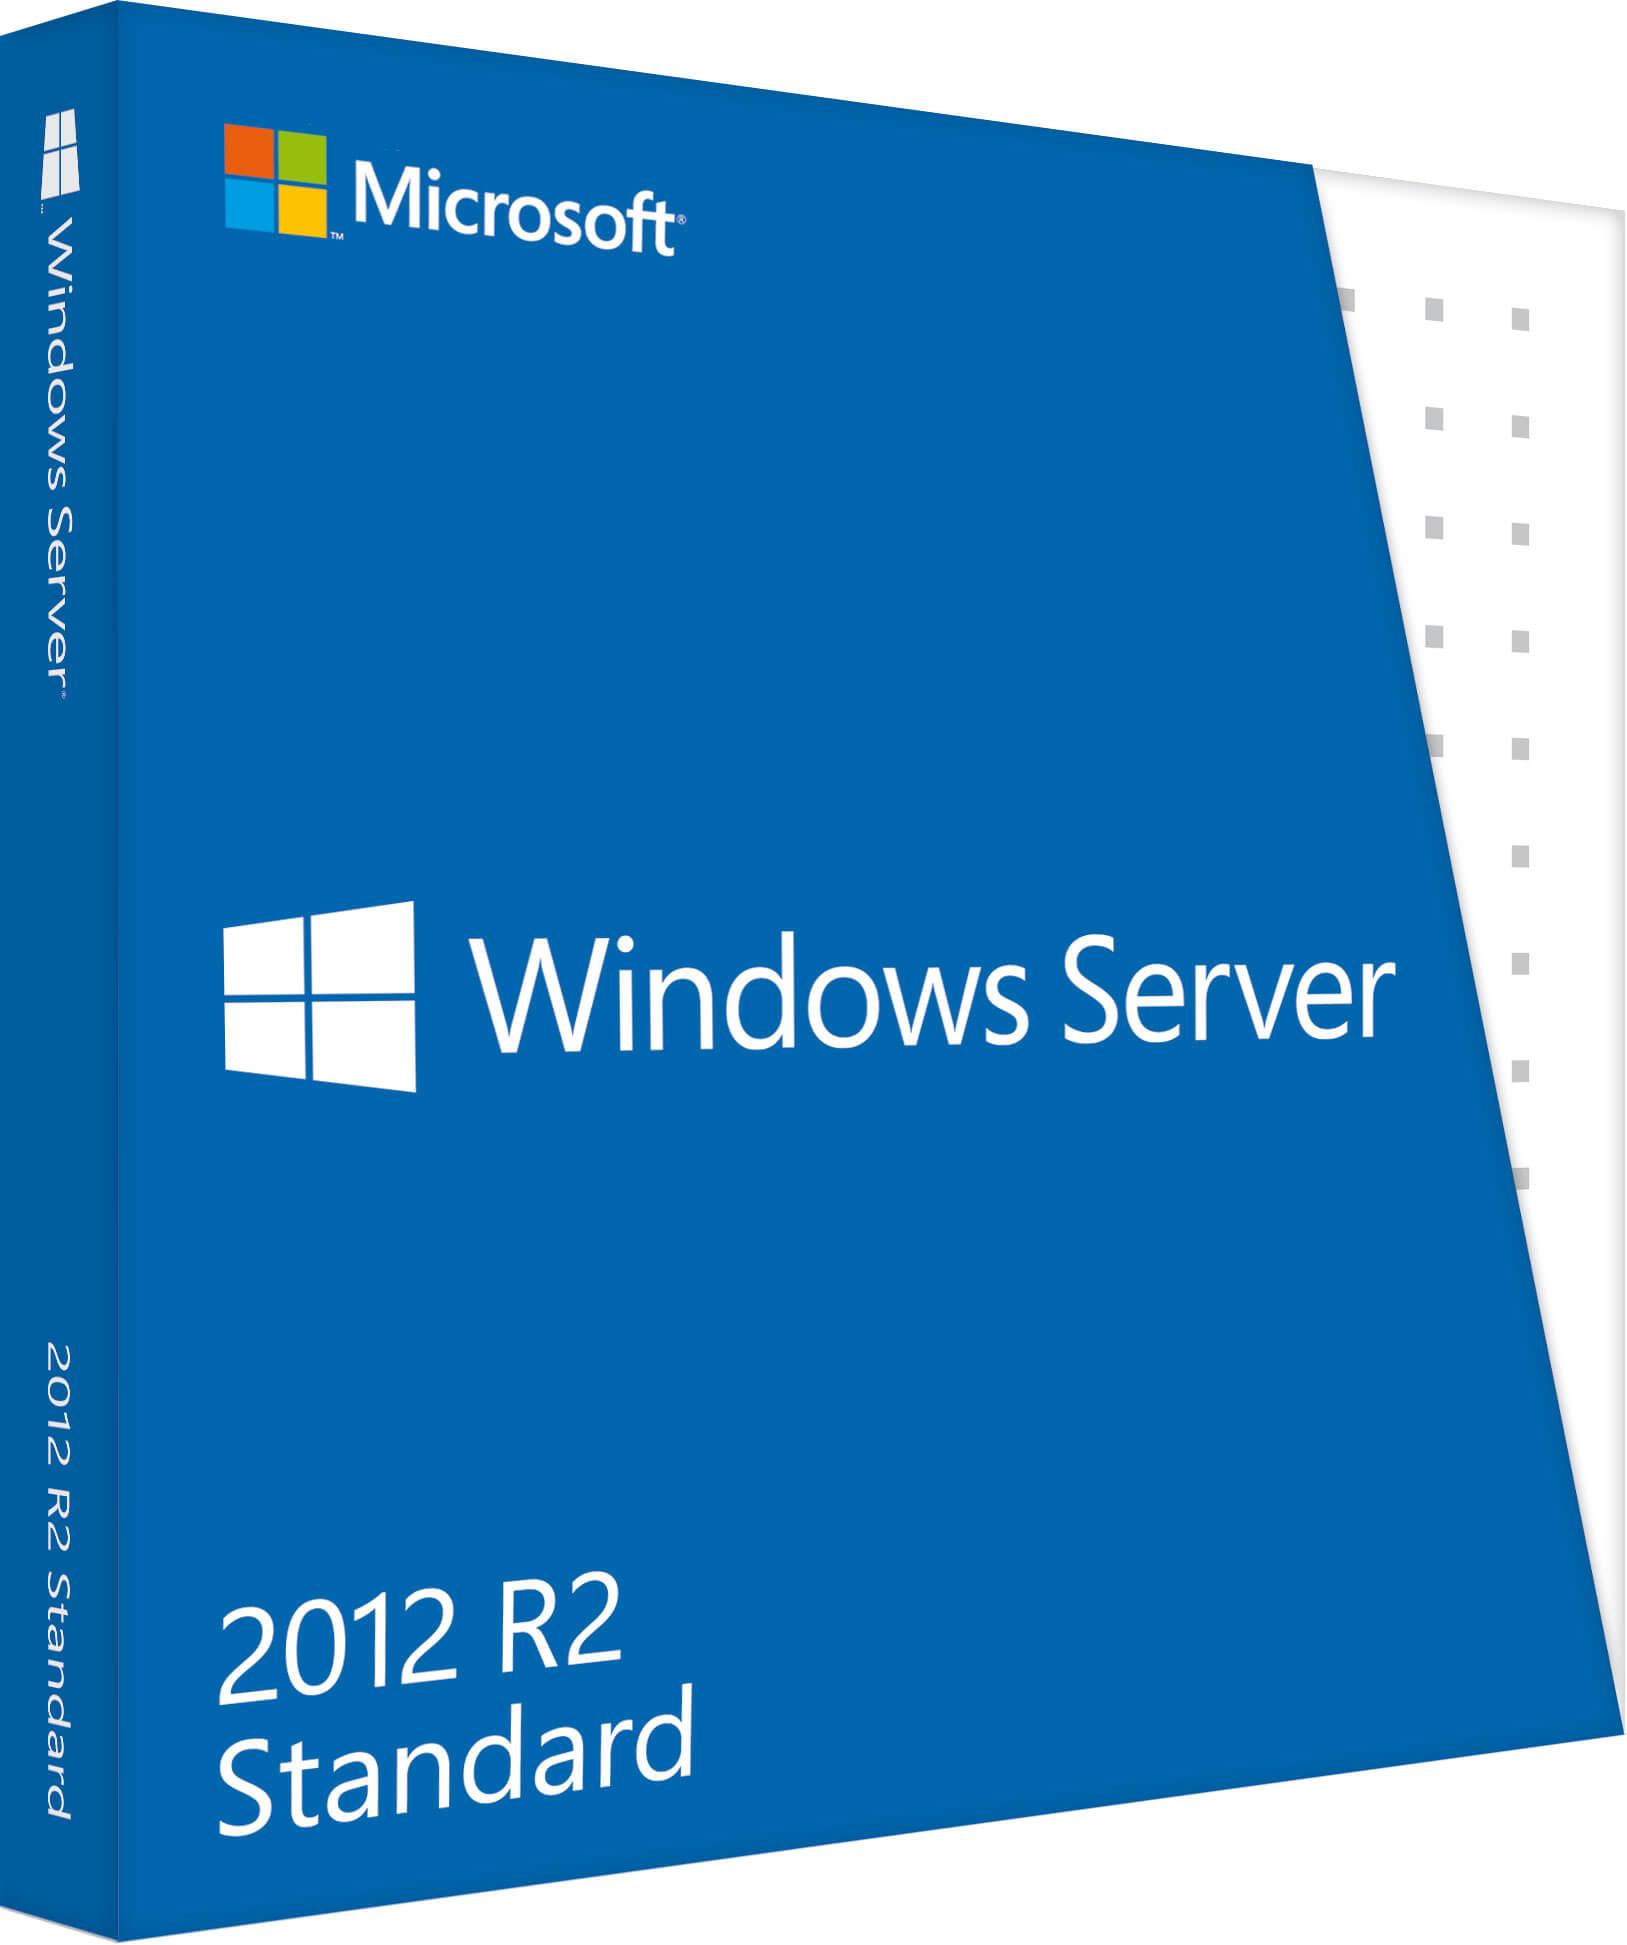 Скачать windows server 2012R2 со всеми обновлениями по март 2015 года